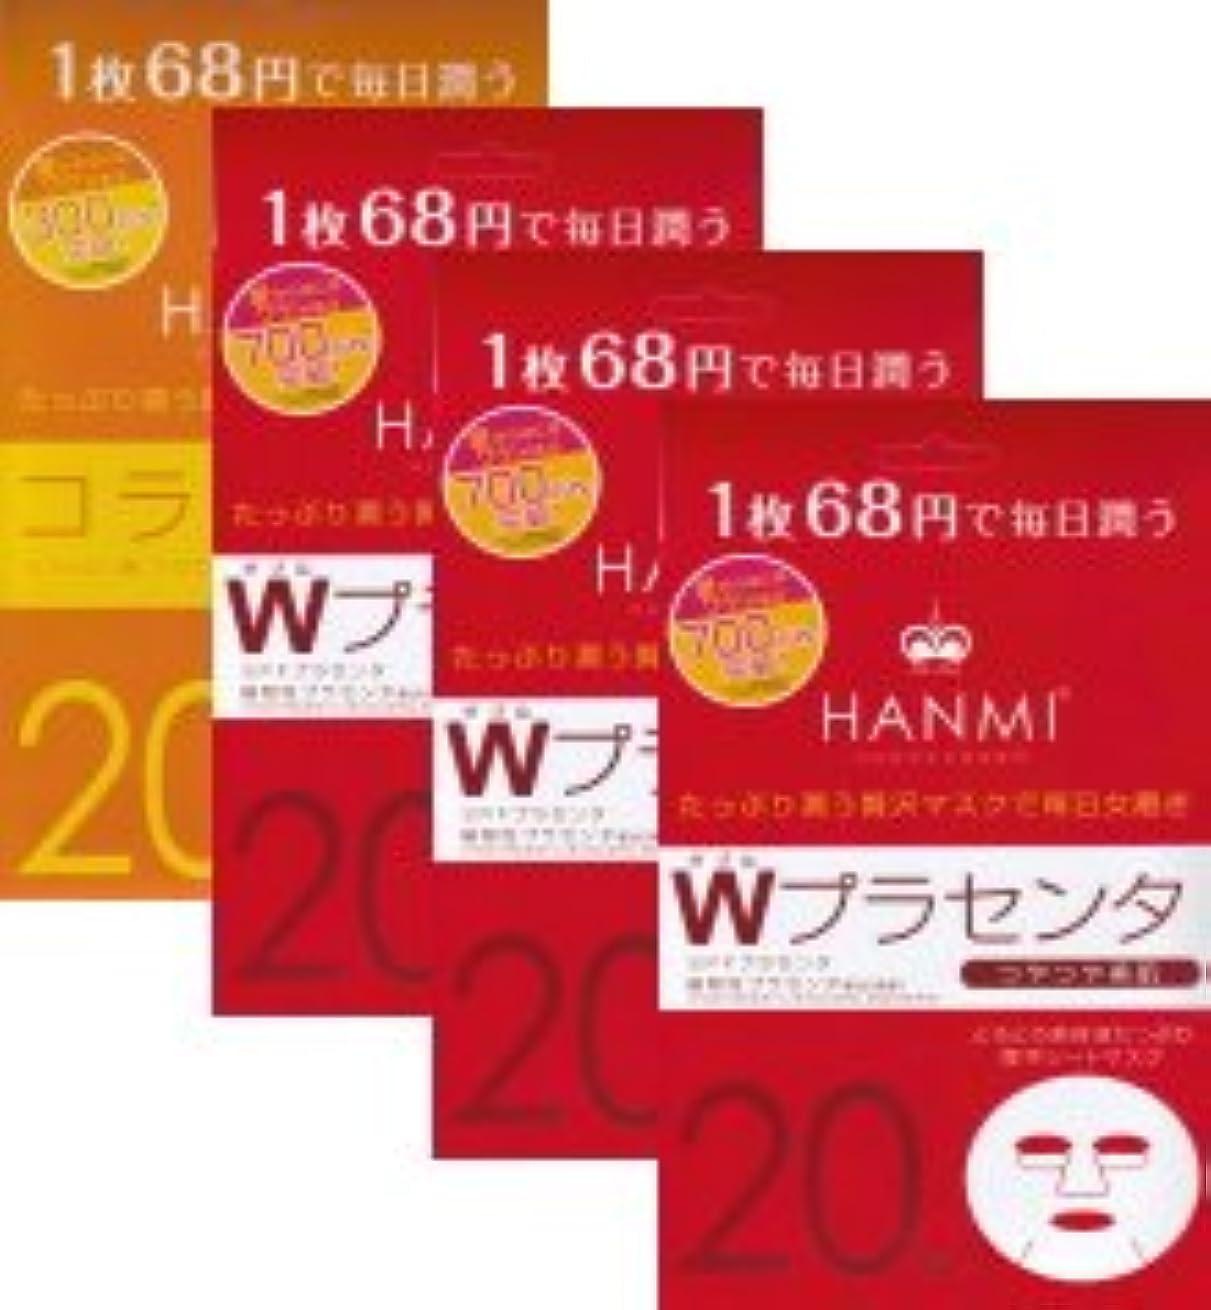 MIGAKI ハンミフェイスマスク(20枚入り)「コラーゲン×1個」「Wプラセンタ×3個」の4個セット